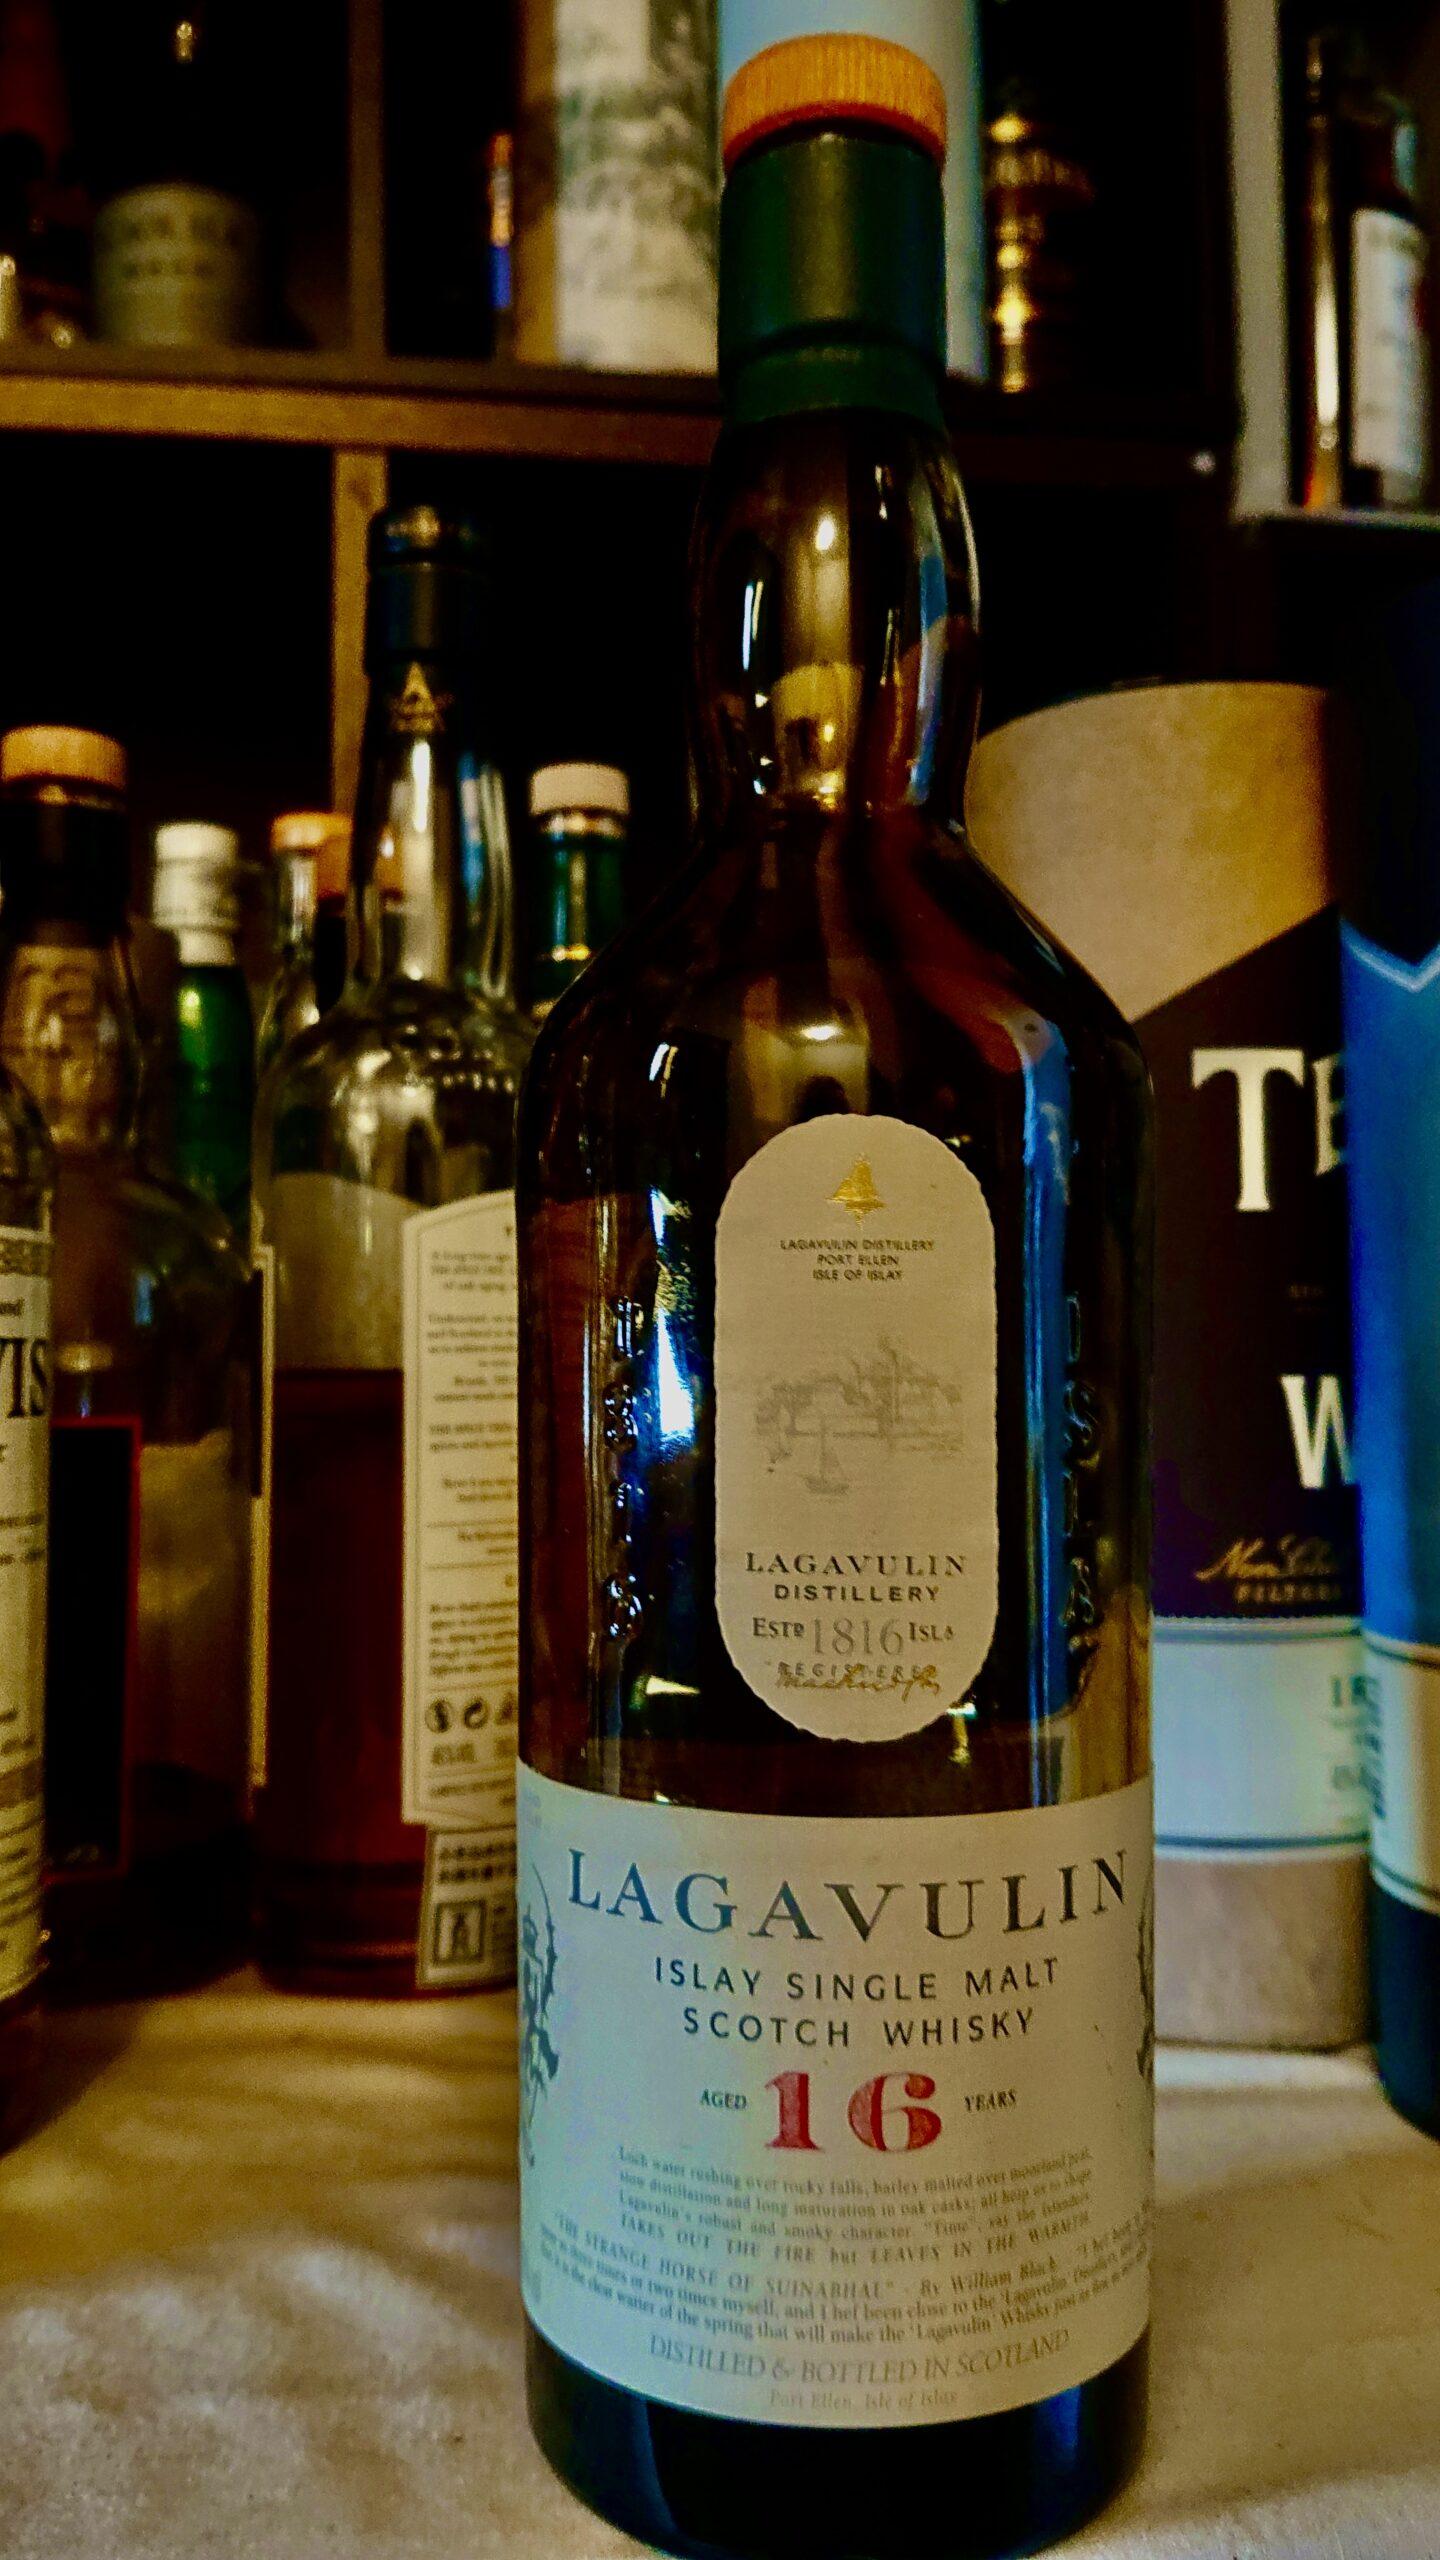 ラガヴーリン16年のテイスティング・アイラの巨人、情熱の歴史を飲む酒